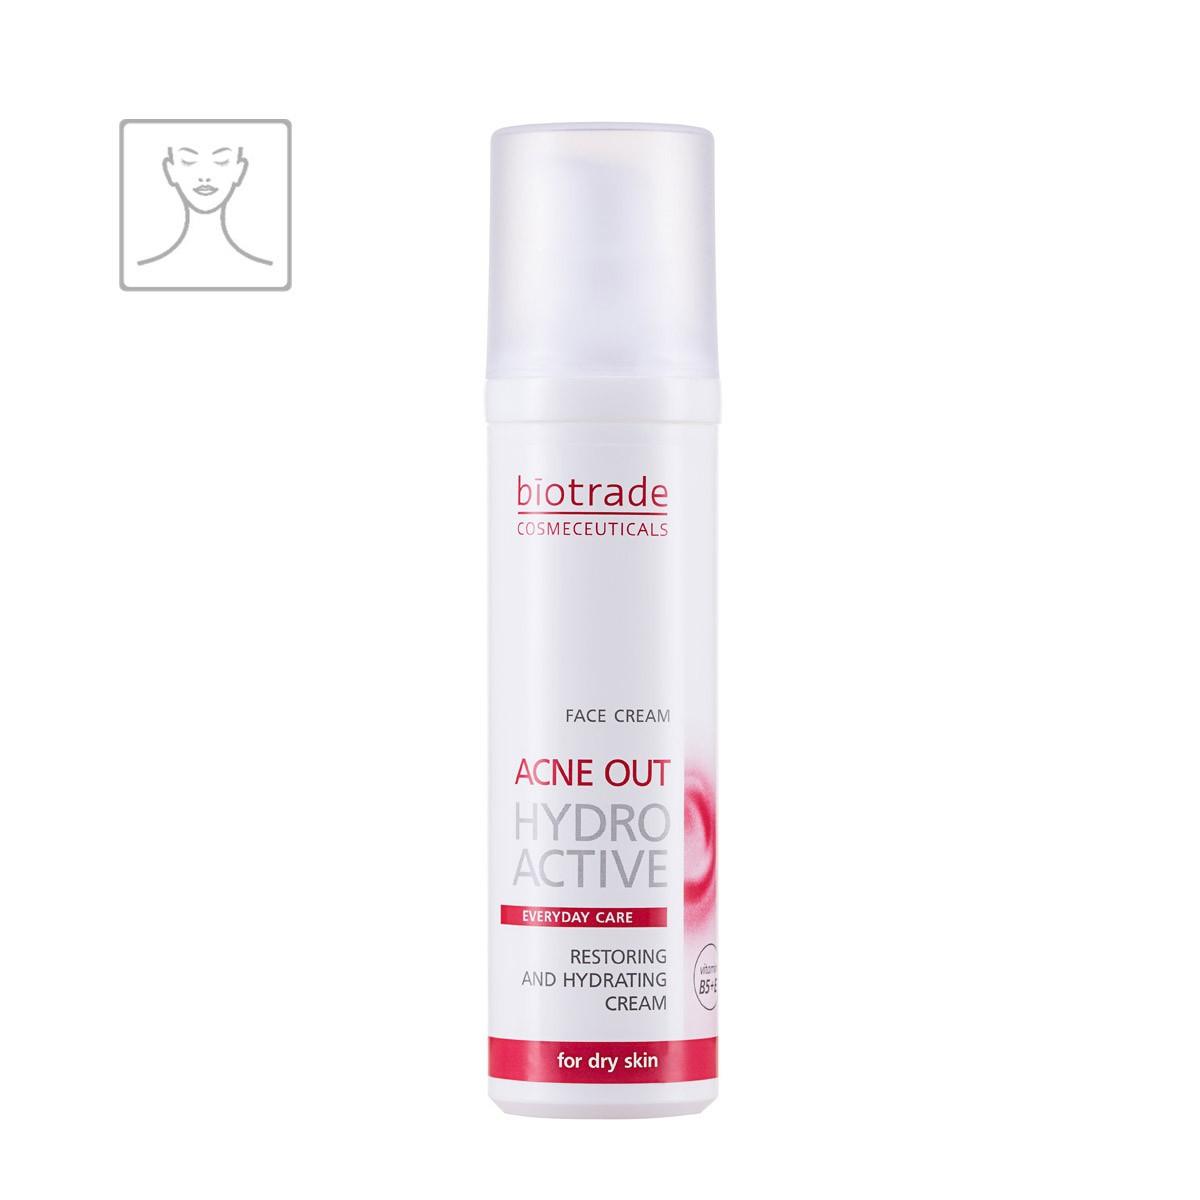 Acne Out Hydro Active Cream Biotrade obnovující a hydratační pleťový krém s vit. E